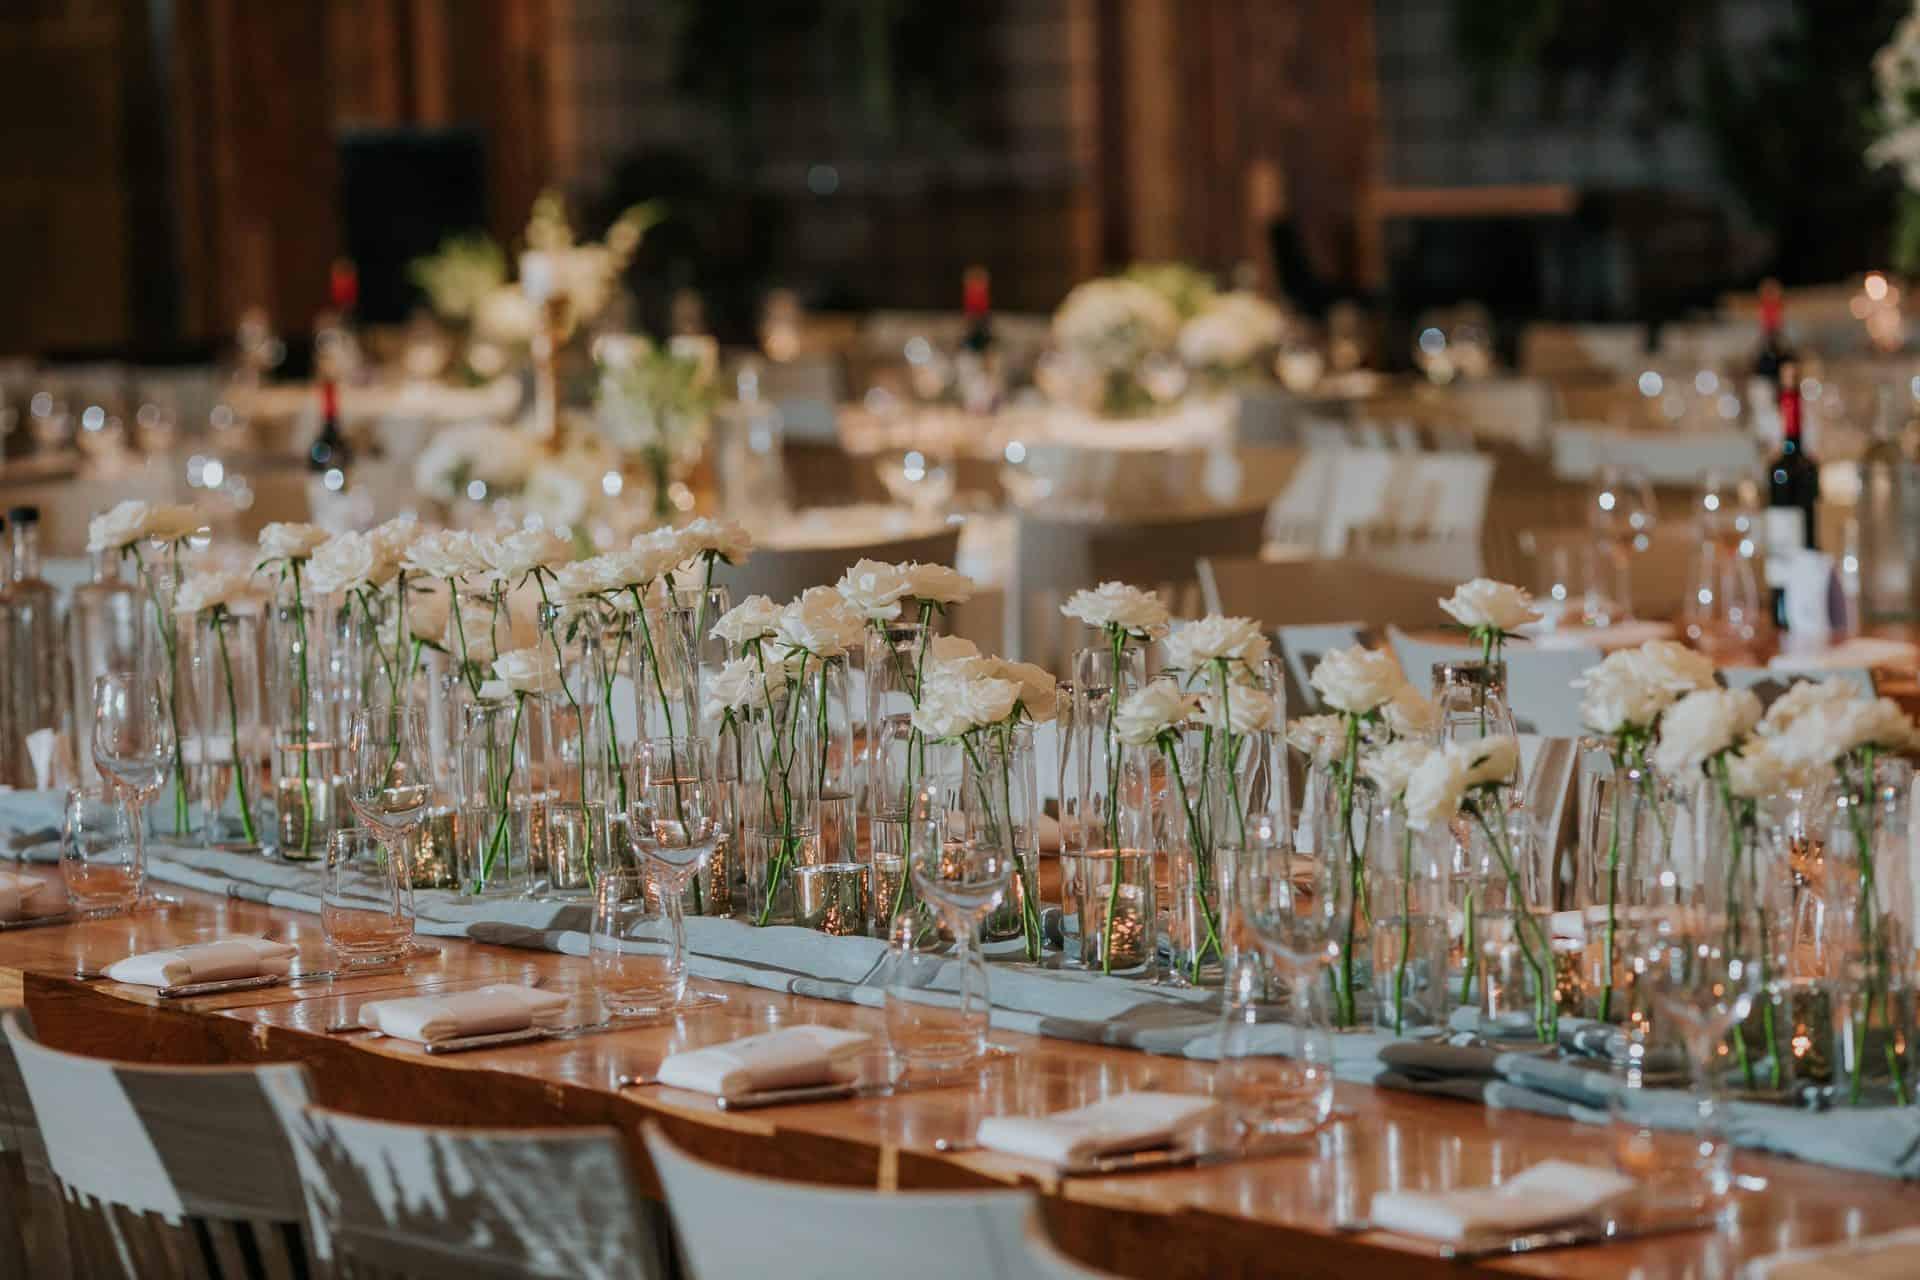 עיצוב אולם פסטורלי כשדאגו עיצוב לחתונה